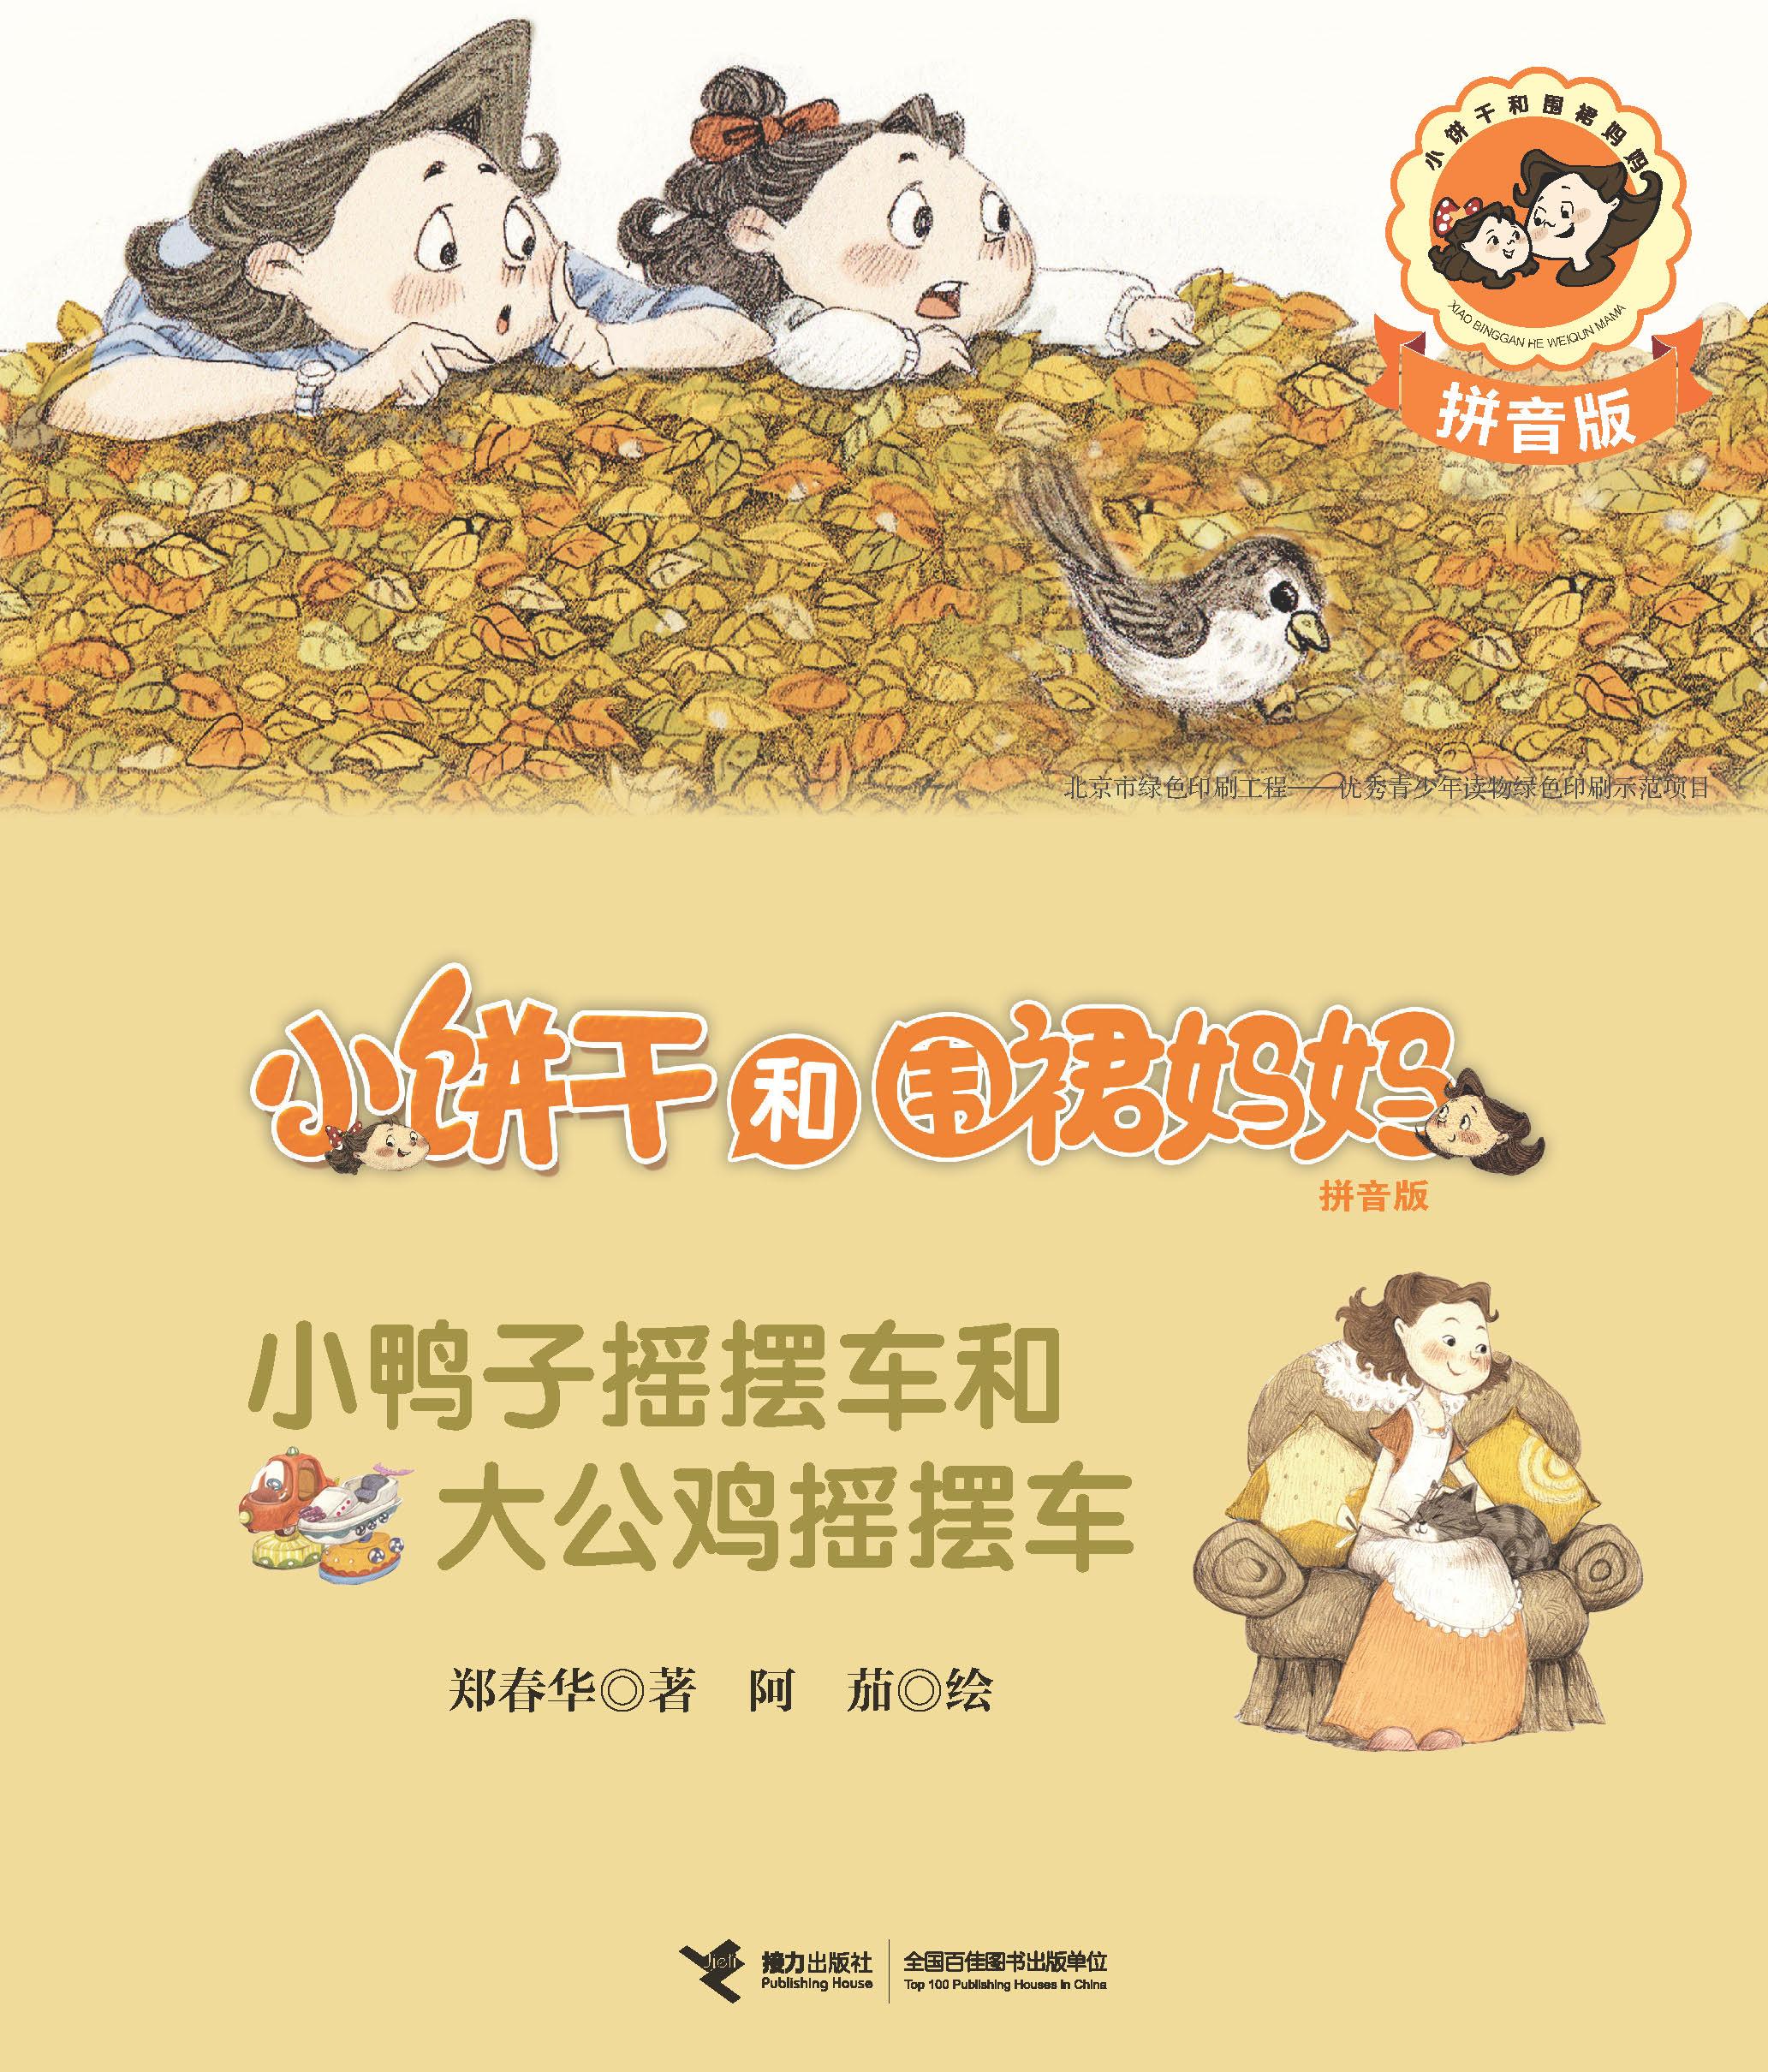 小饼干和围裙妈妈:拼音版:小鸭子摇摆车和大公鸡摇摆车